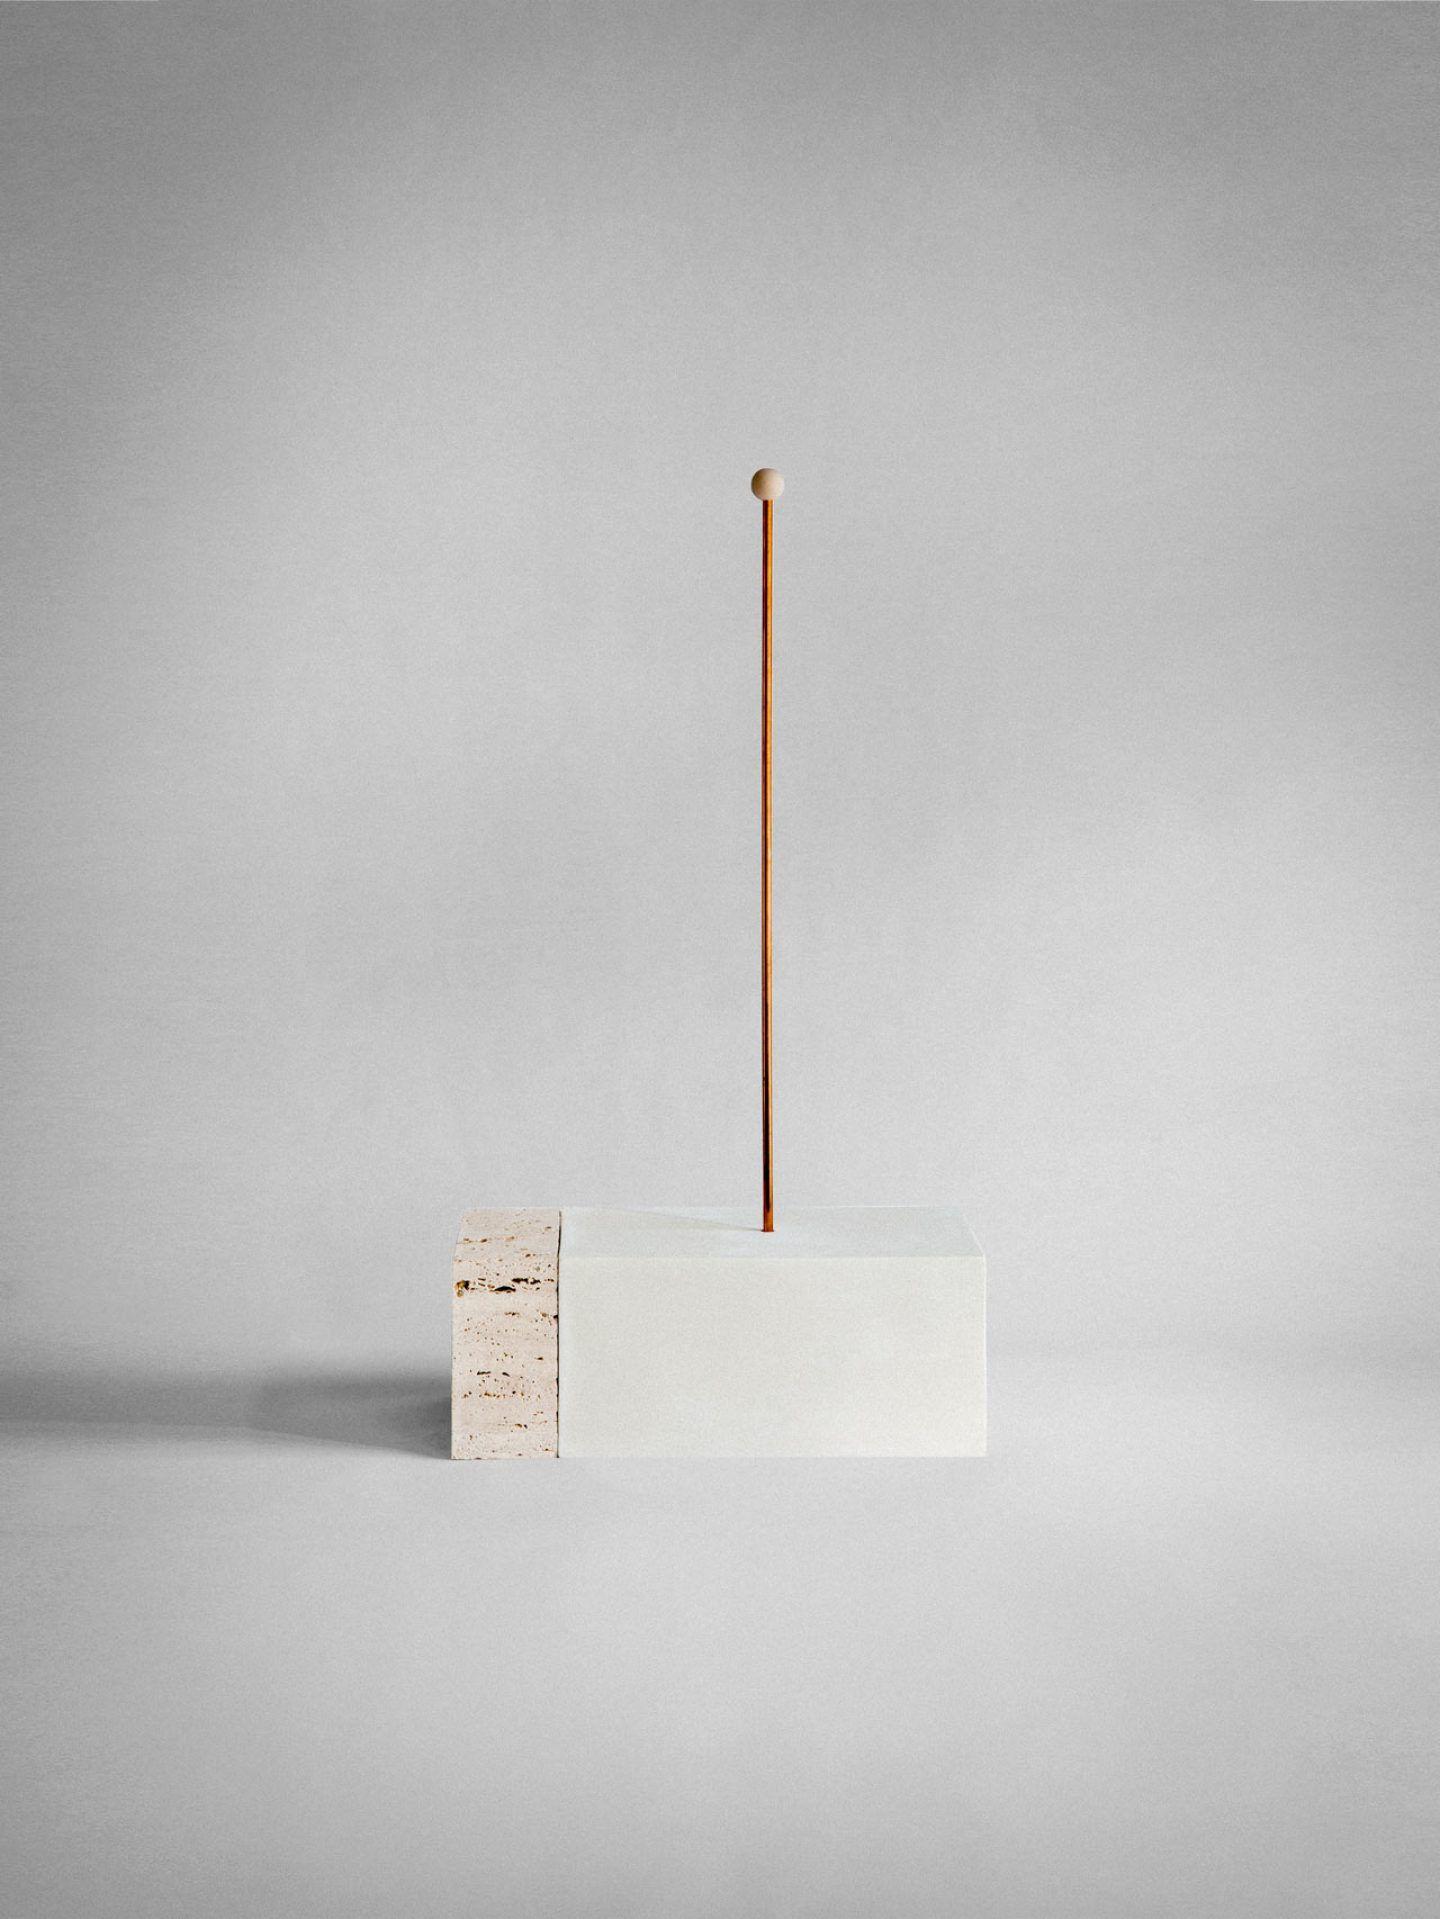 IGNANT-Design-Ossimorri-Studiopepe-3